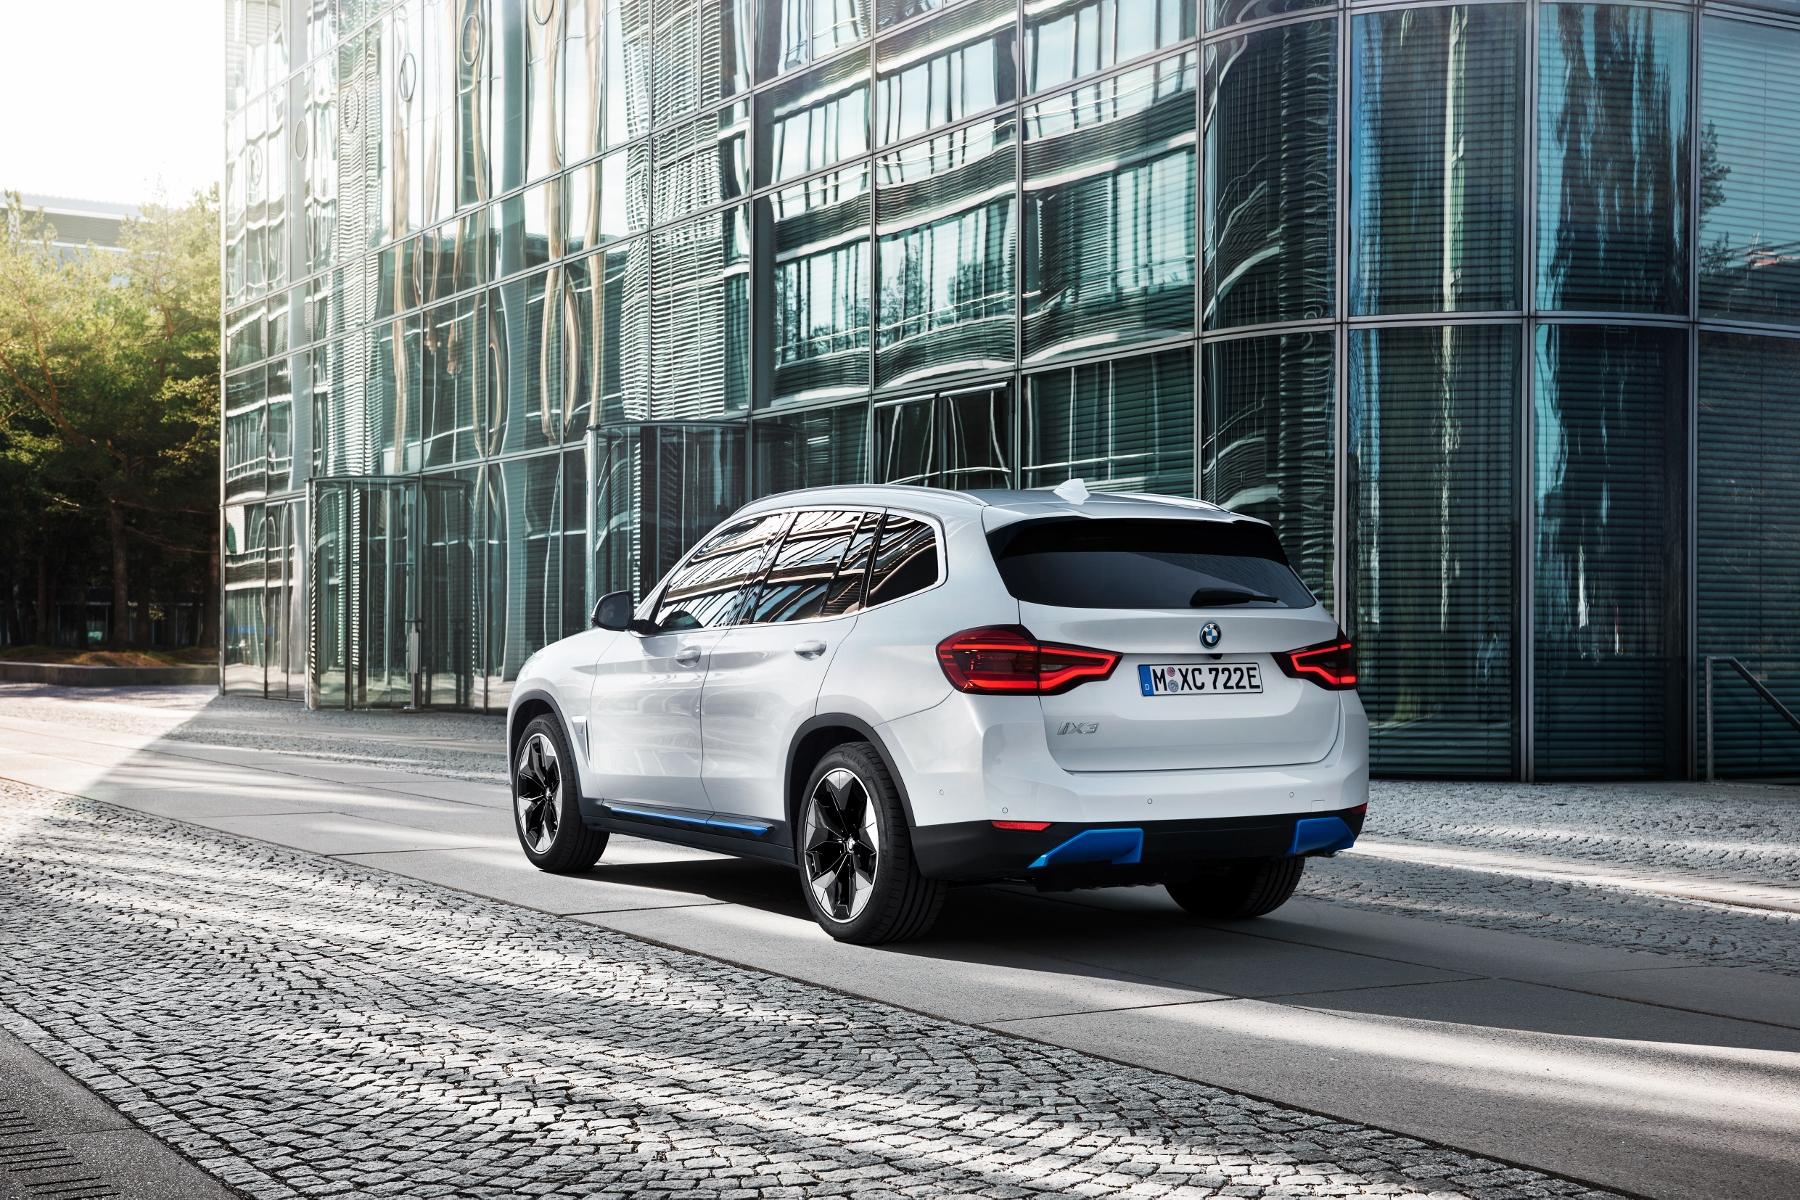 BMW ukázalo elektrické SUV iX3 s dojazdom 459 km JGsGGSBoSr bmw-ix3-13